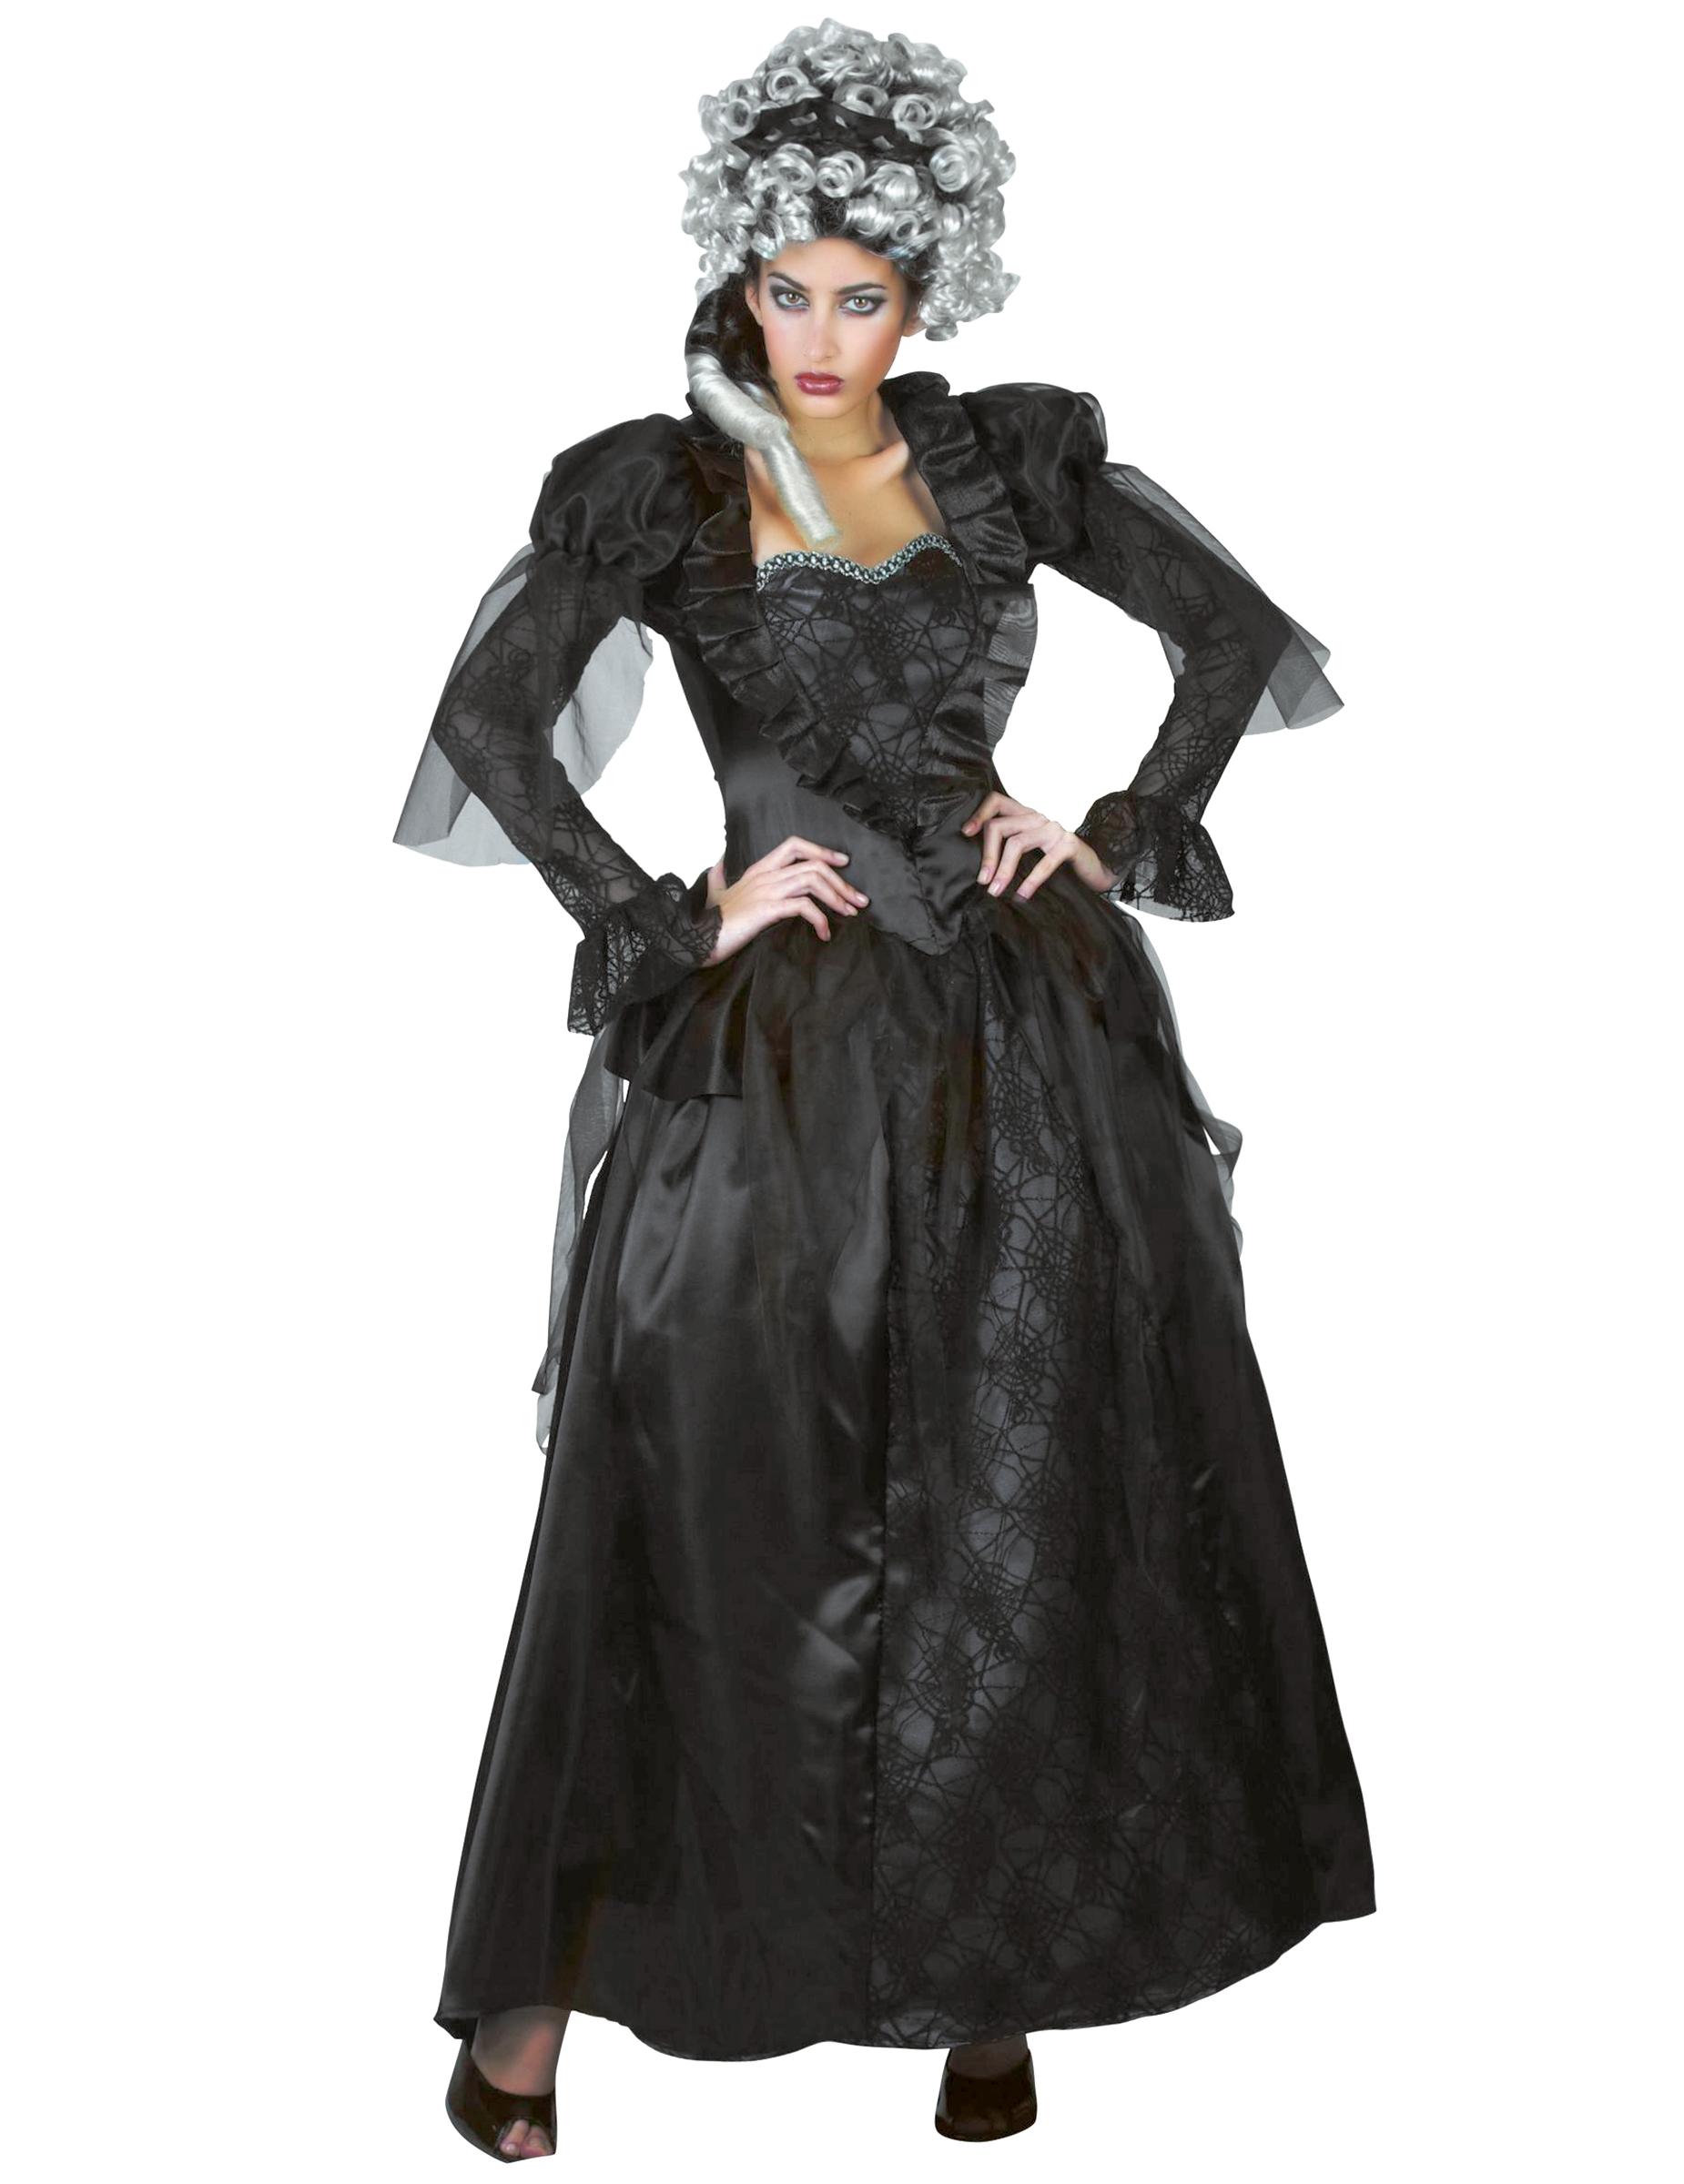 d guisement comtesse vampire femme halloween deguise toi achat de d guisements adultes. Black Bedroom Furniture Sets. Home Design Ideas